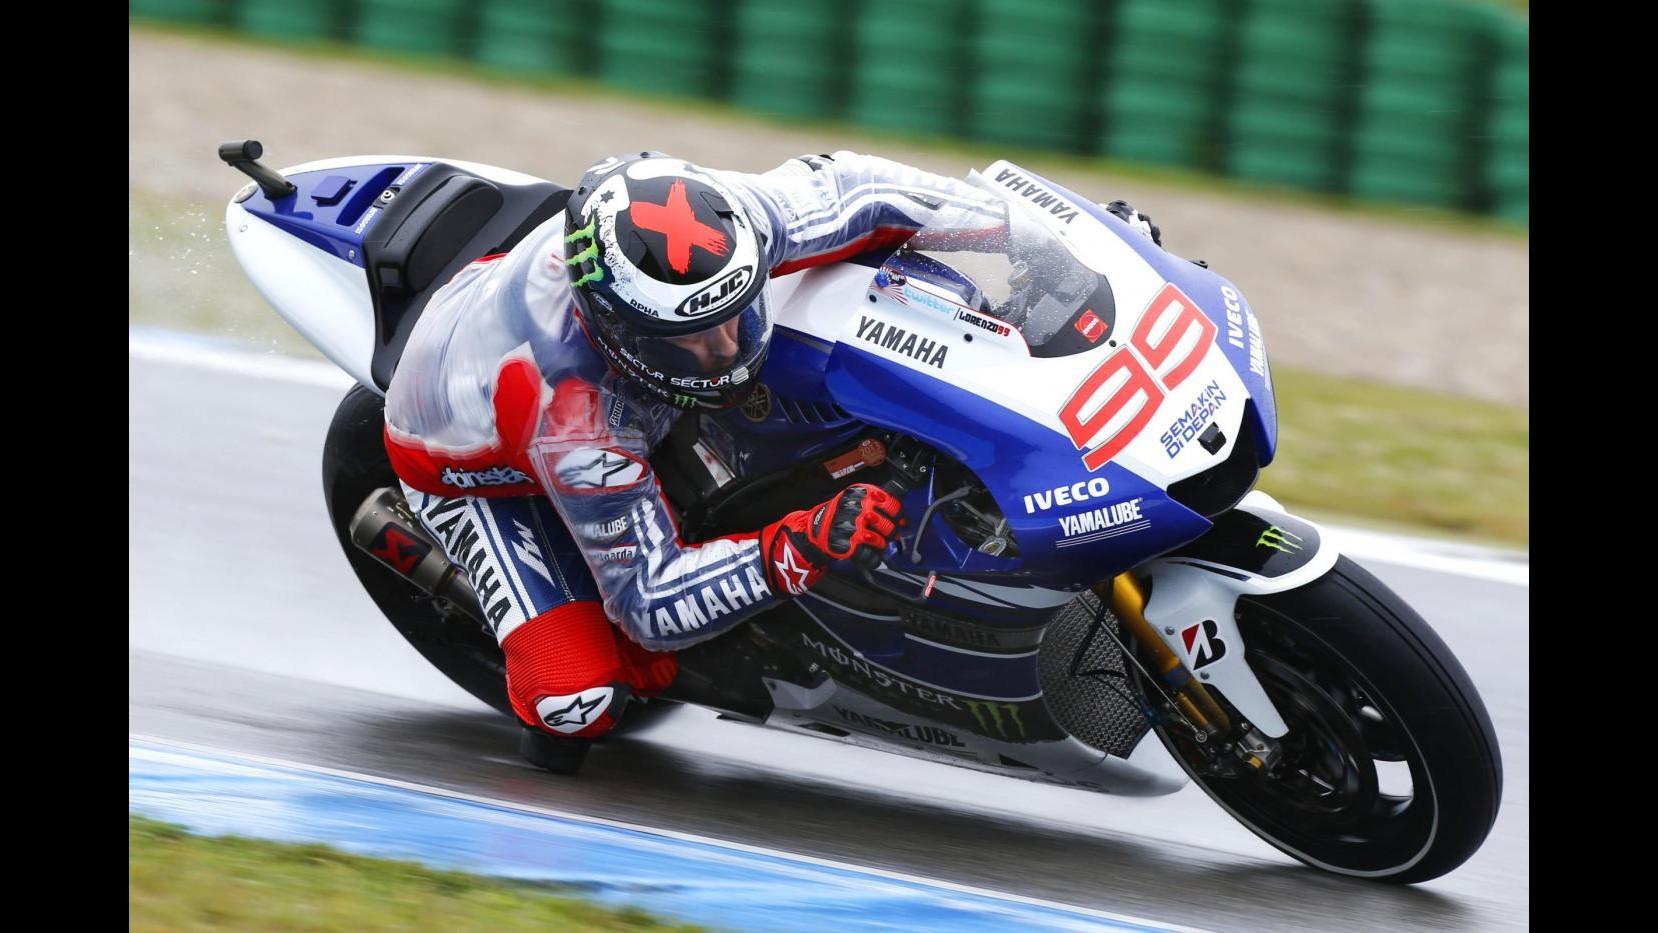 MotoGp, Assen: Rossi leader nel warm up, Lorenzo rientra e chiude 8°